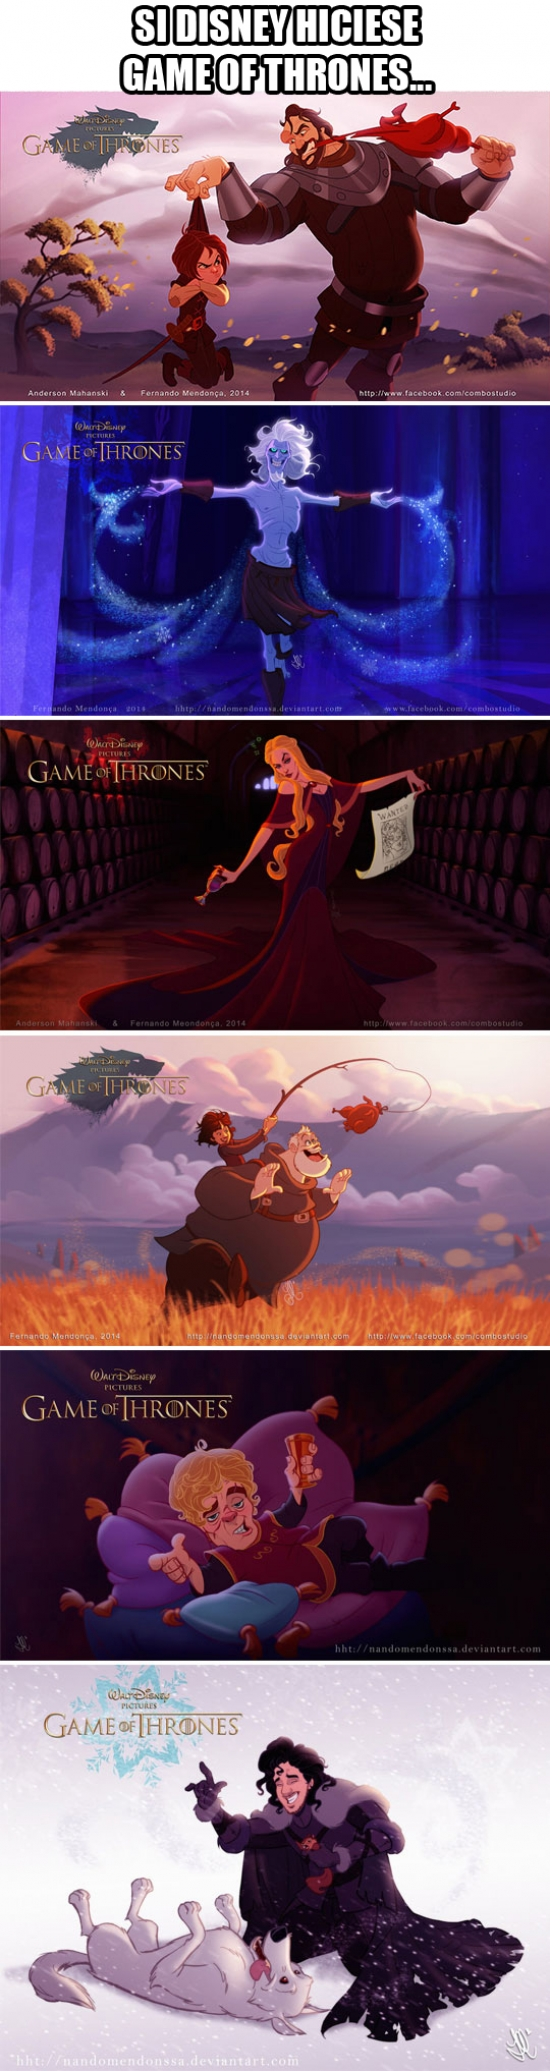 Meme_otros - ¿Tendría tantos fans Game of Thrones hecho por Disney?